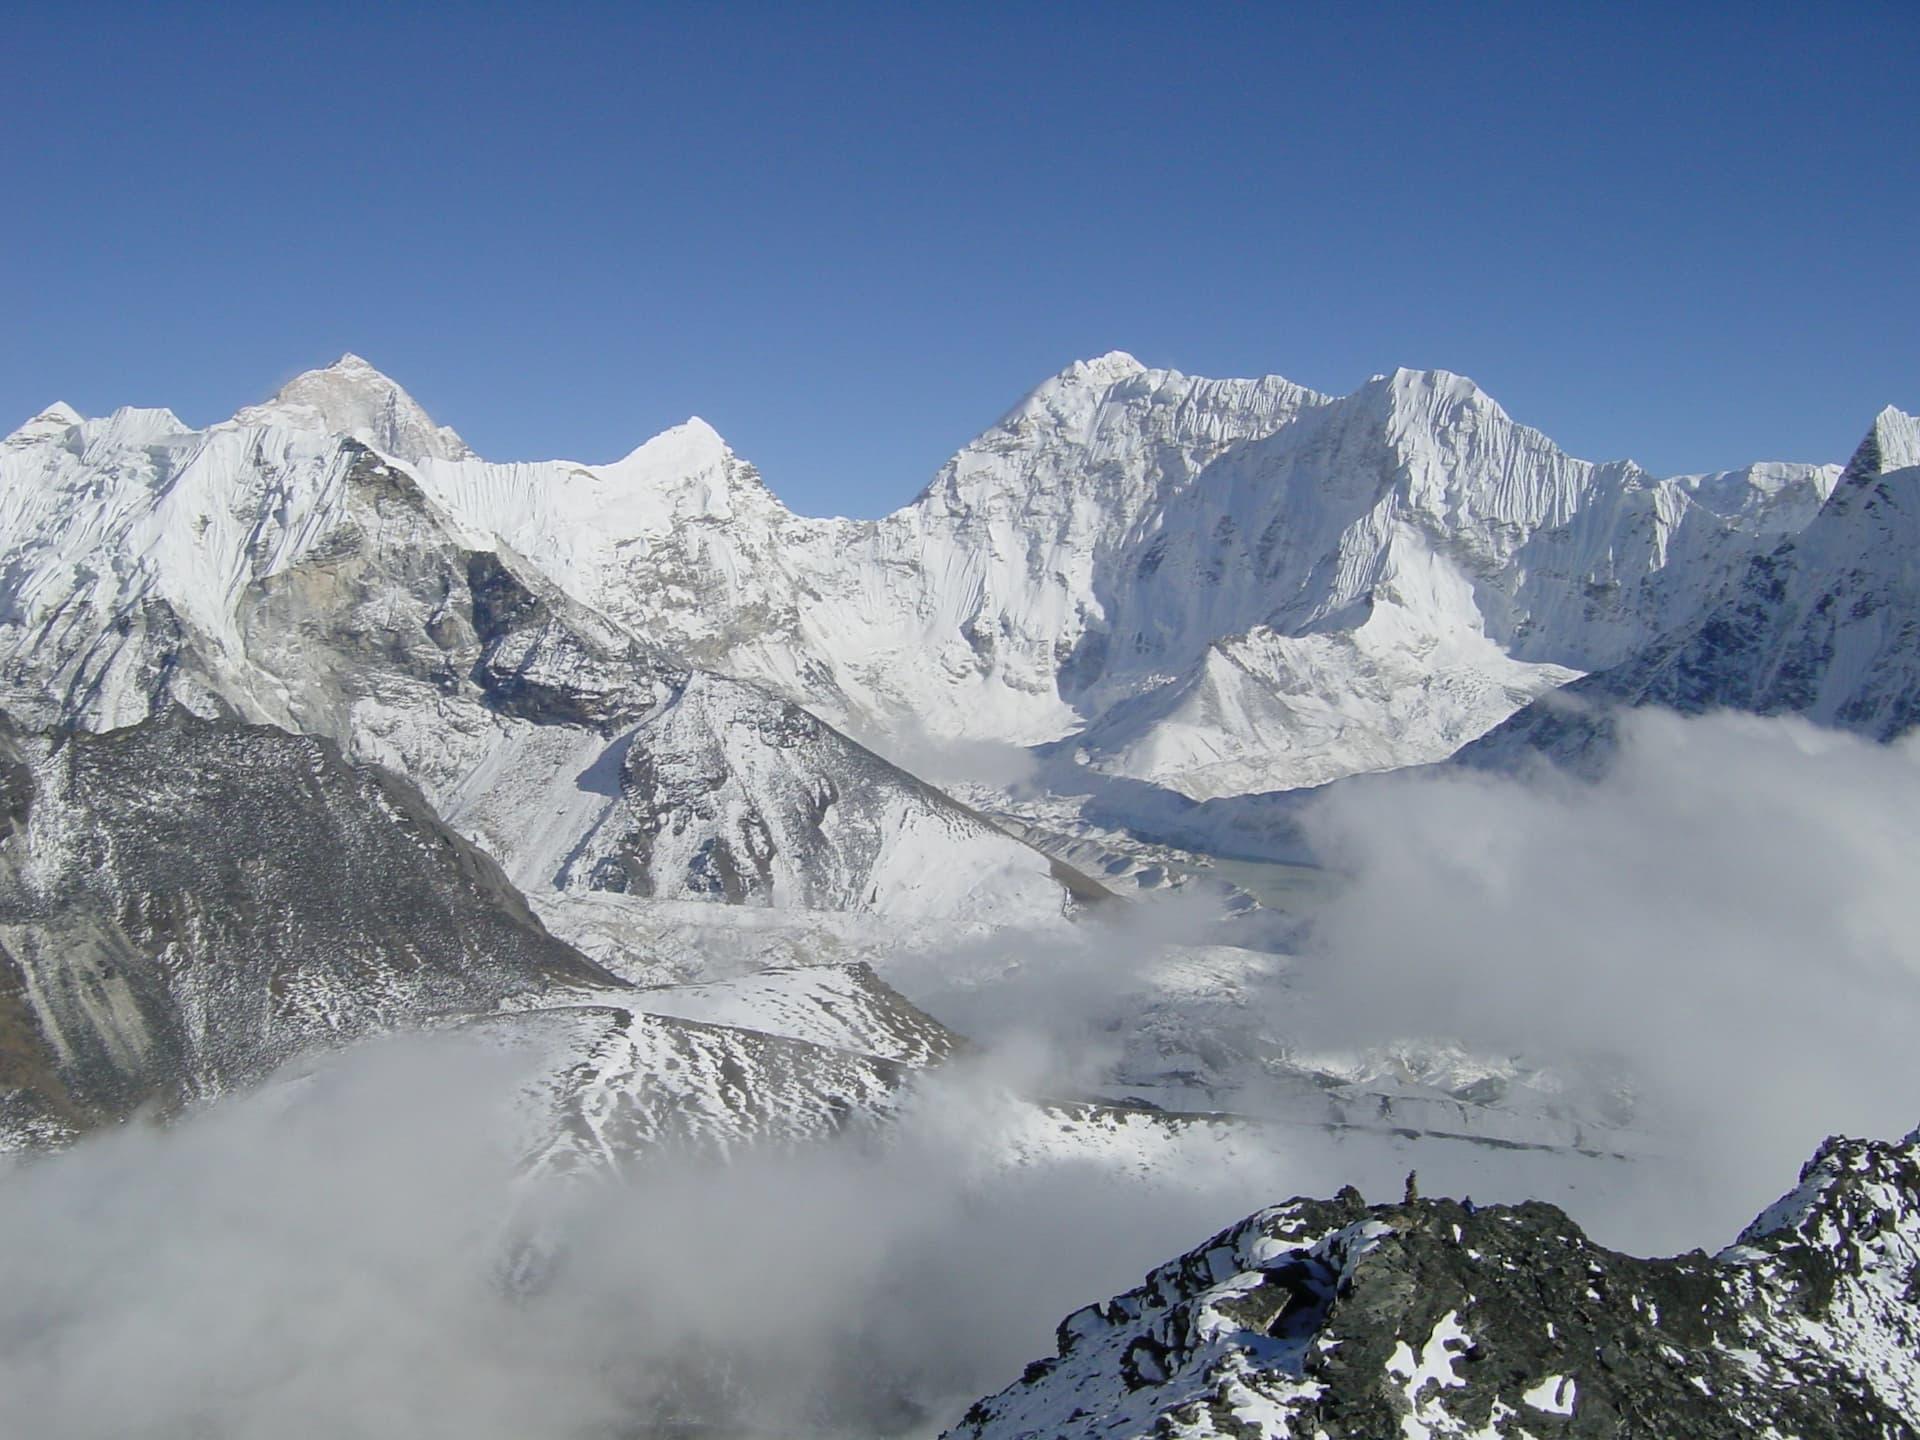 Locul 5 cei mai înalți munți - Makalu